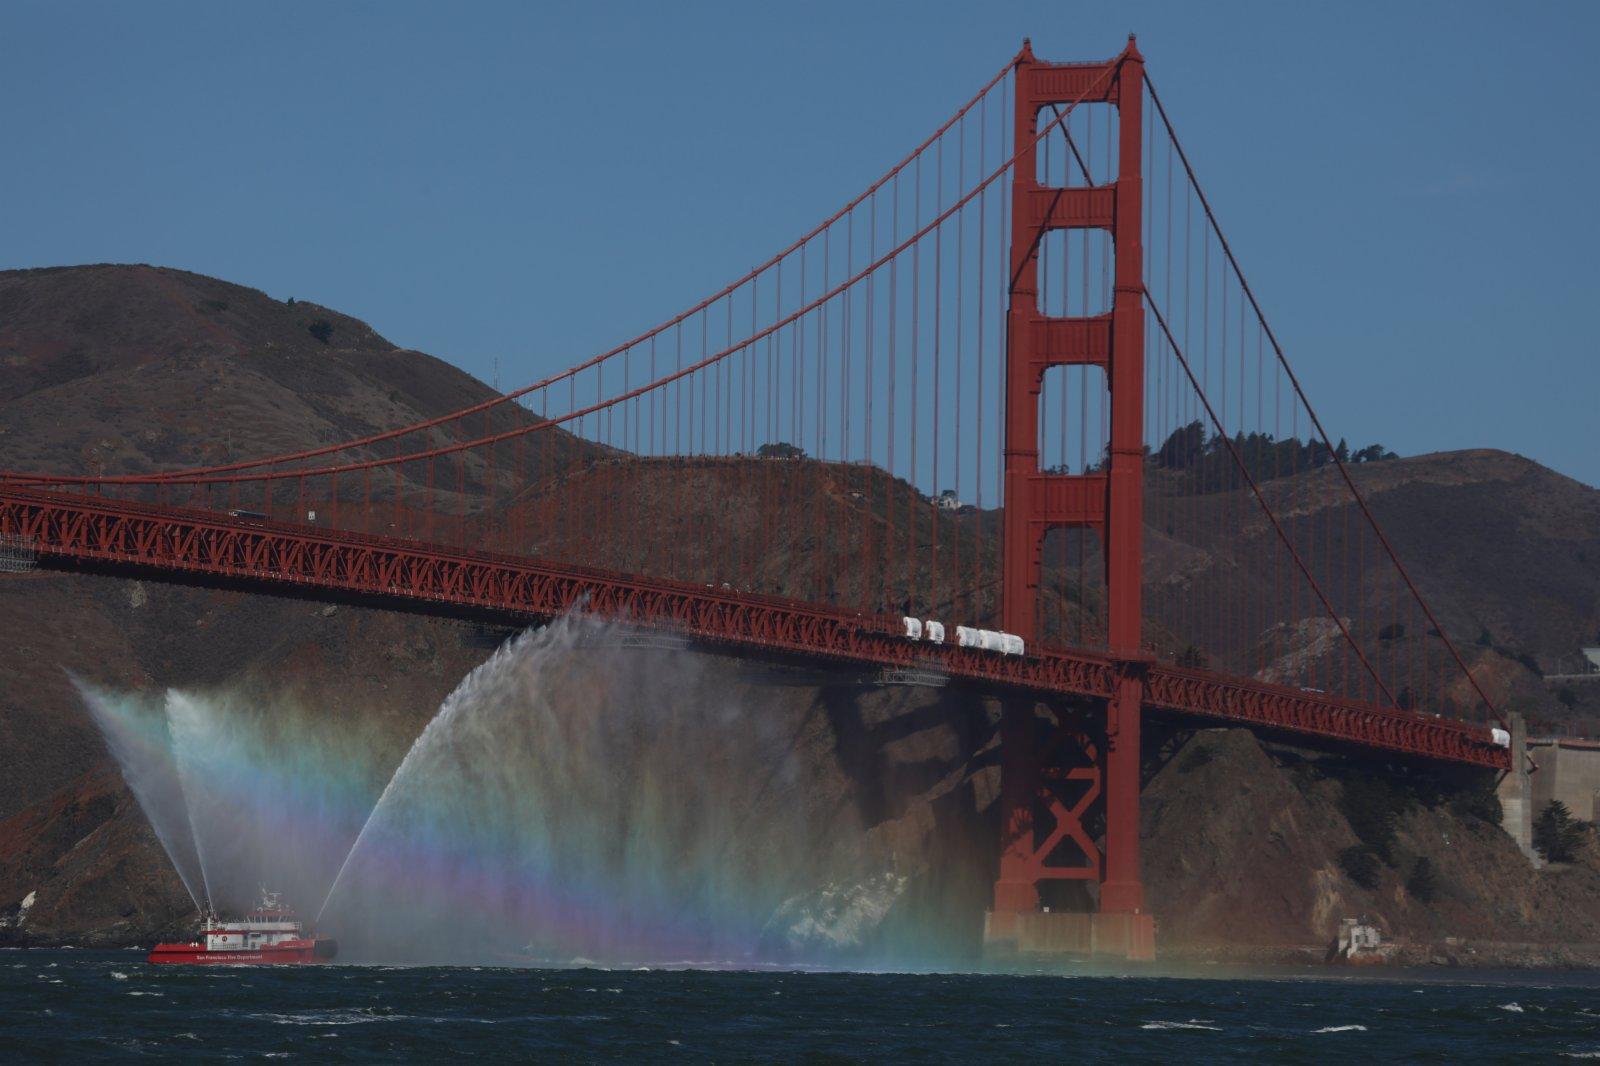 10月8日,舊金山消防局的消防艇向空中噴射水柱,迎接參加美國舊金山艦隊周活動的船隻。